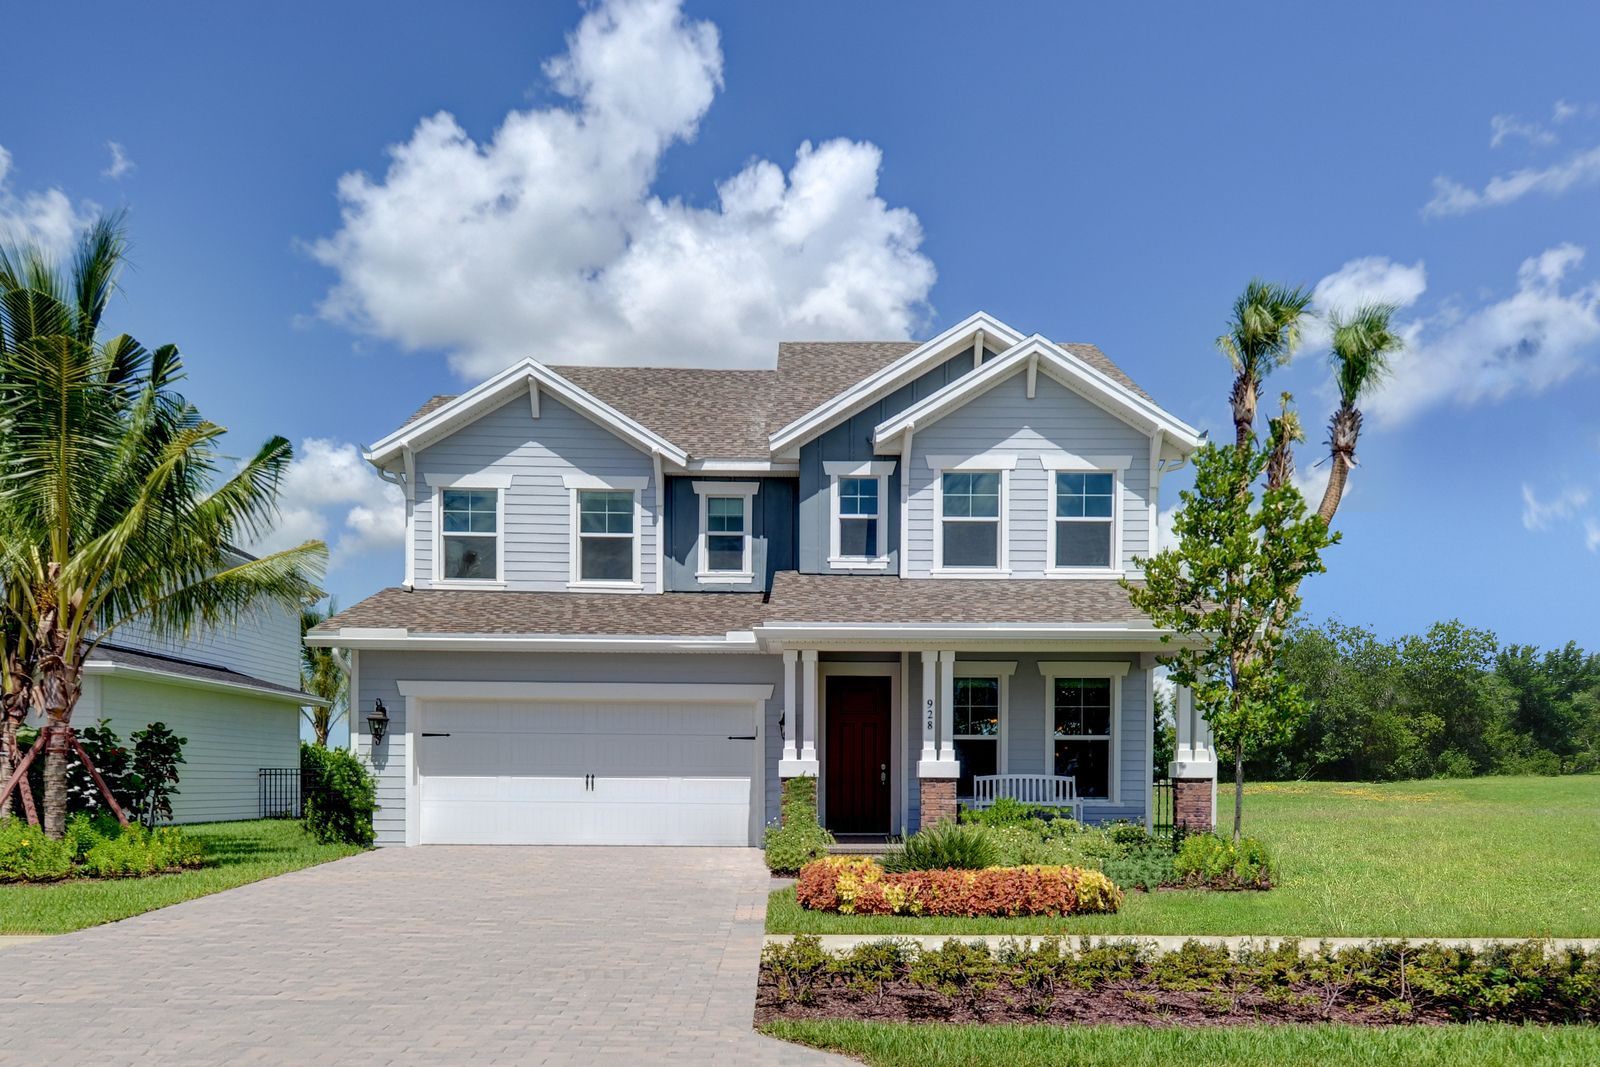 4872 Sw Millbrook Lane, Stuart, FL Homes & Land - Real Estate